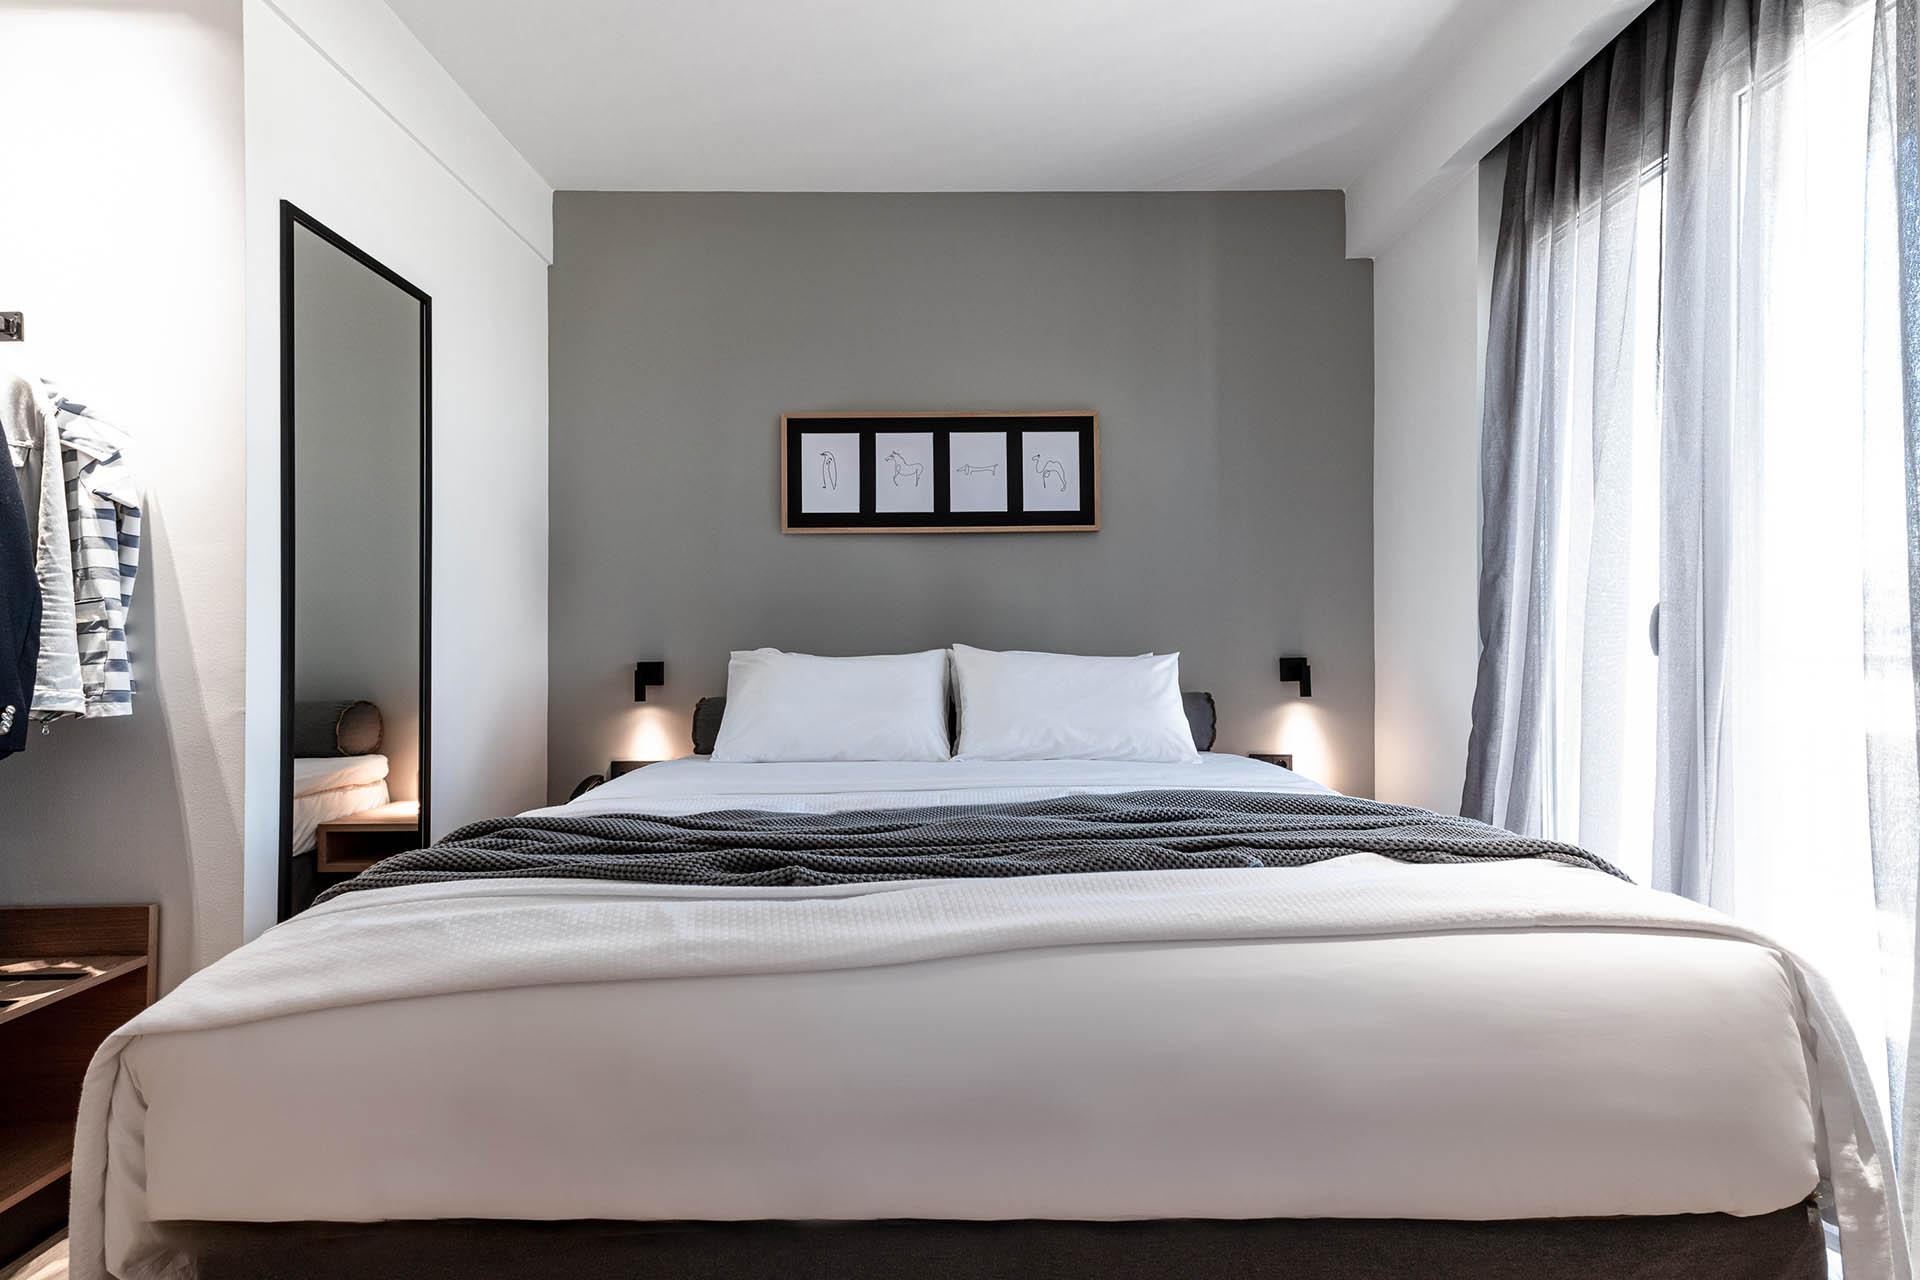 31 Doors Hotel - Αλεξανδρούπολη ✦ -15% ✦ 2 Ημέρες (1